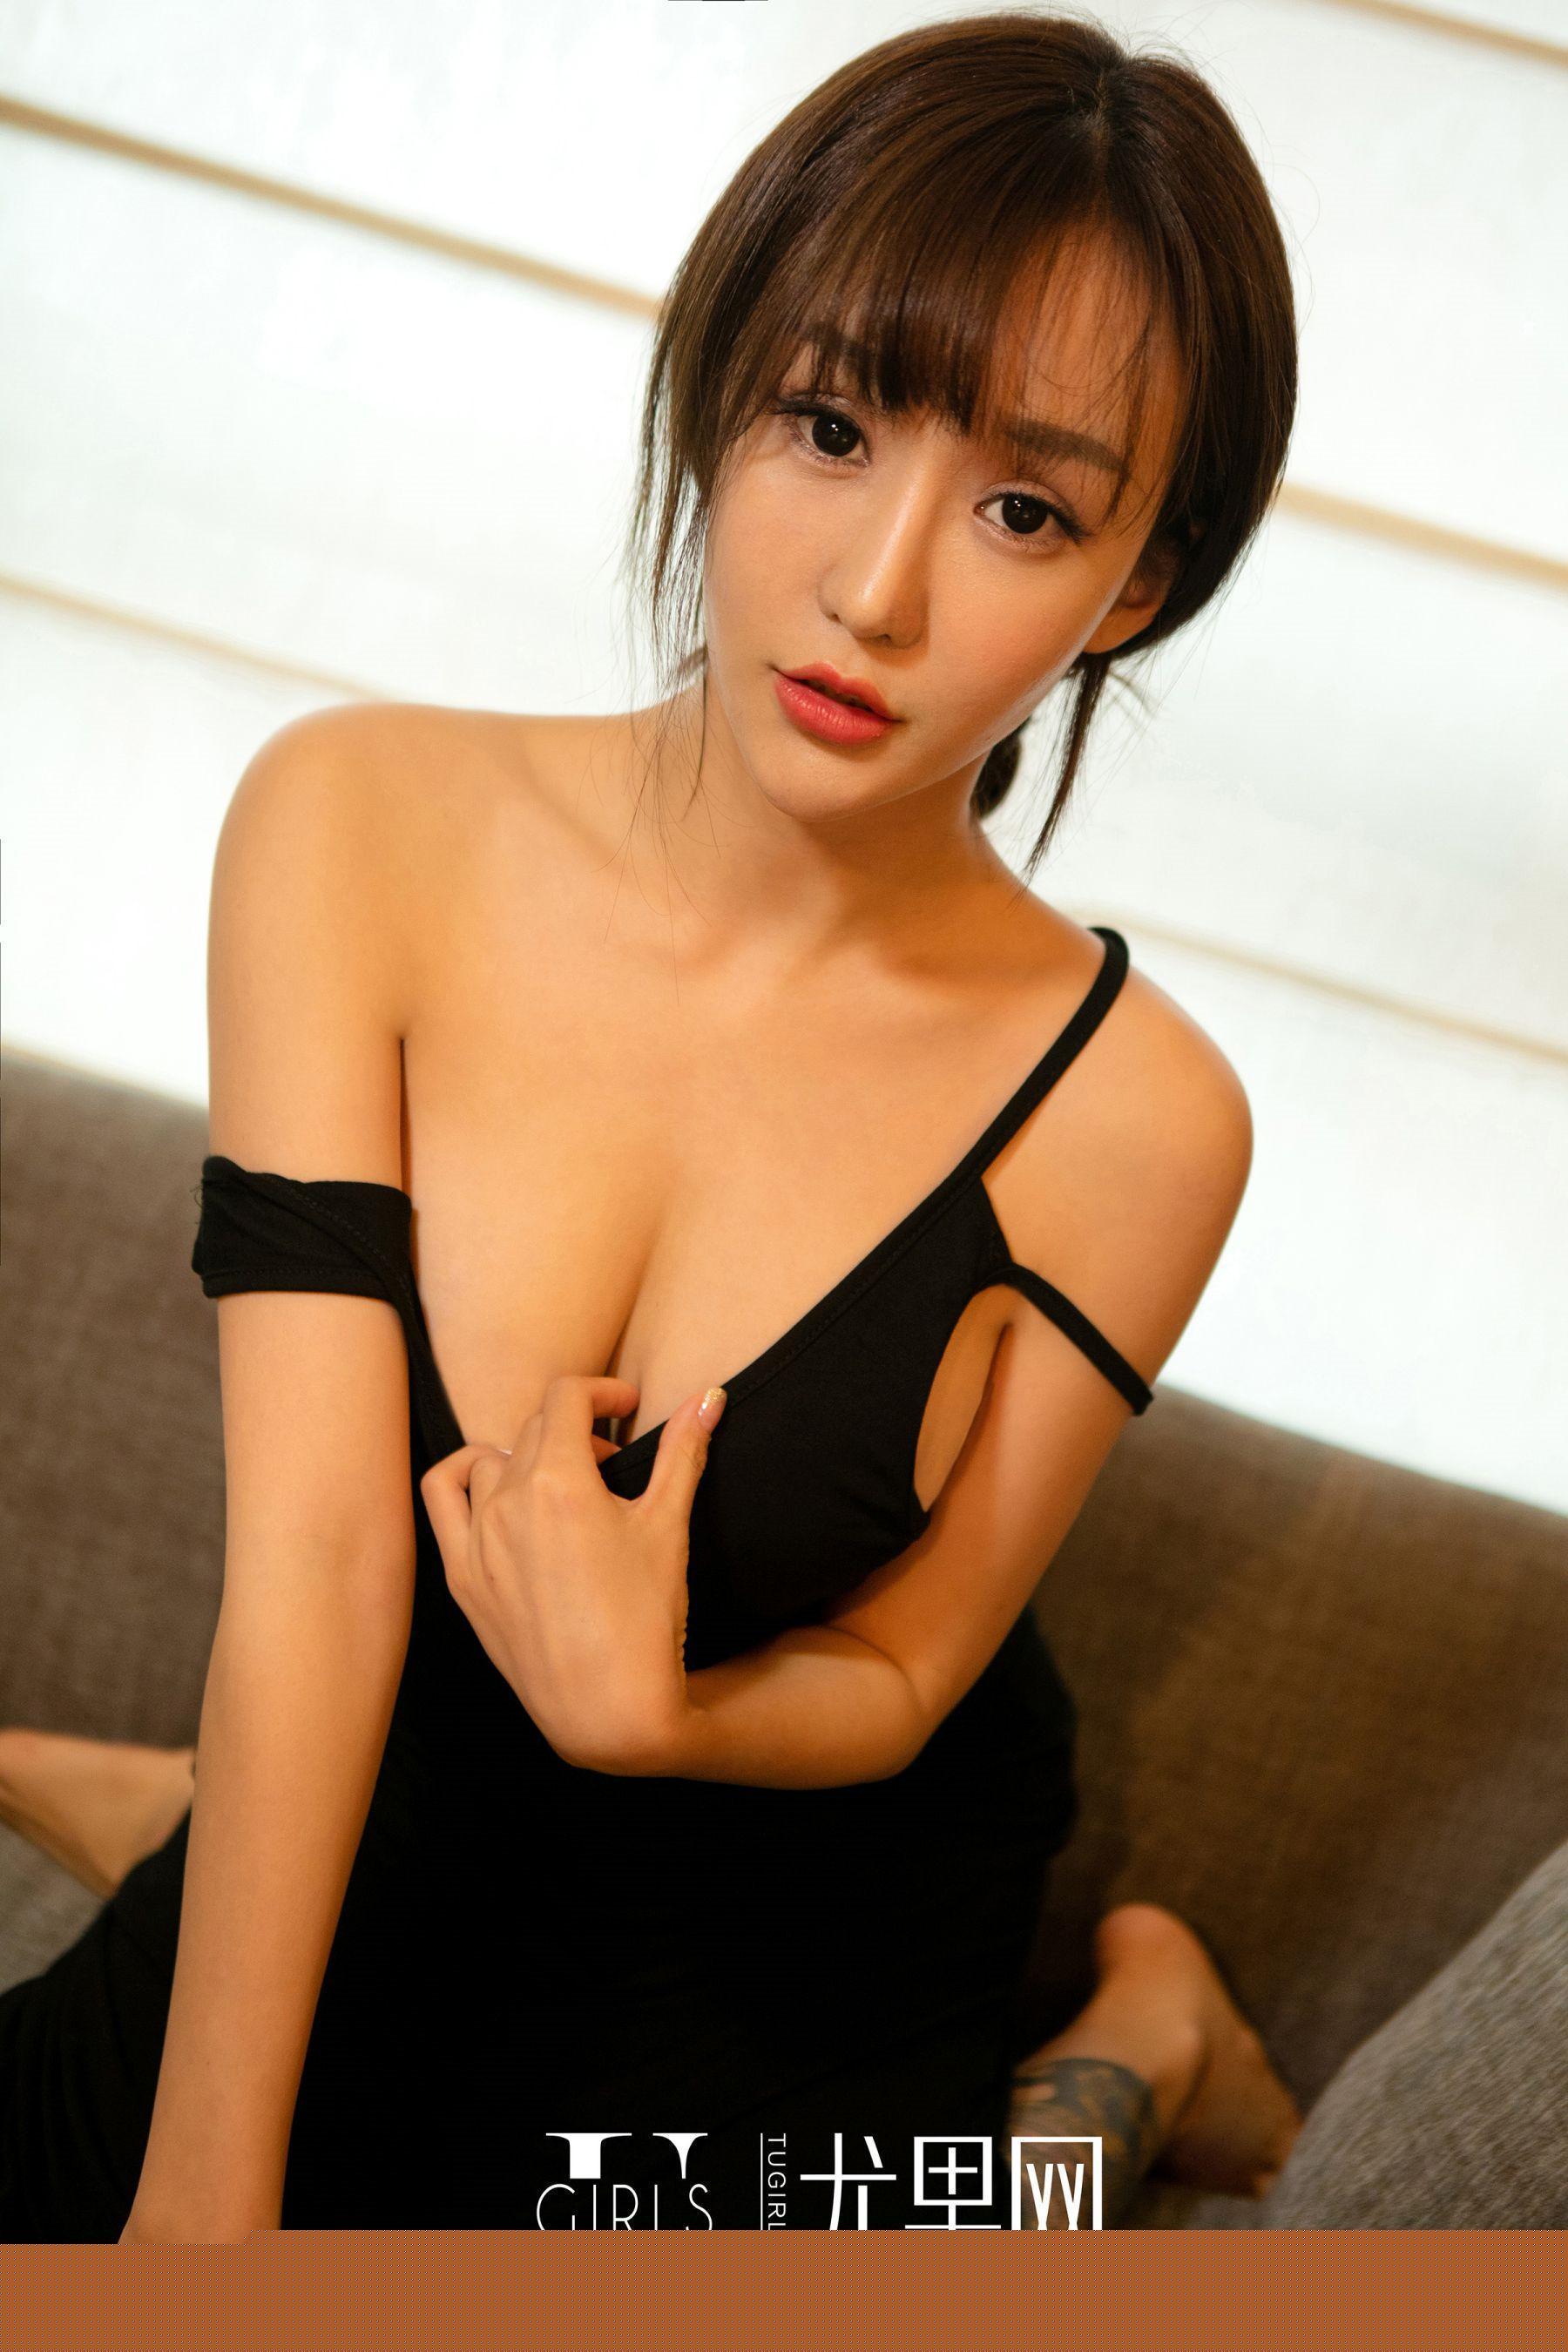 大胆美女裸体艺术摄影_巨乳性感美女大胸可见大胆人体艺术诱惑写真